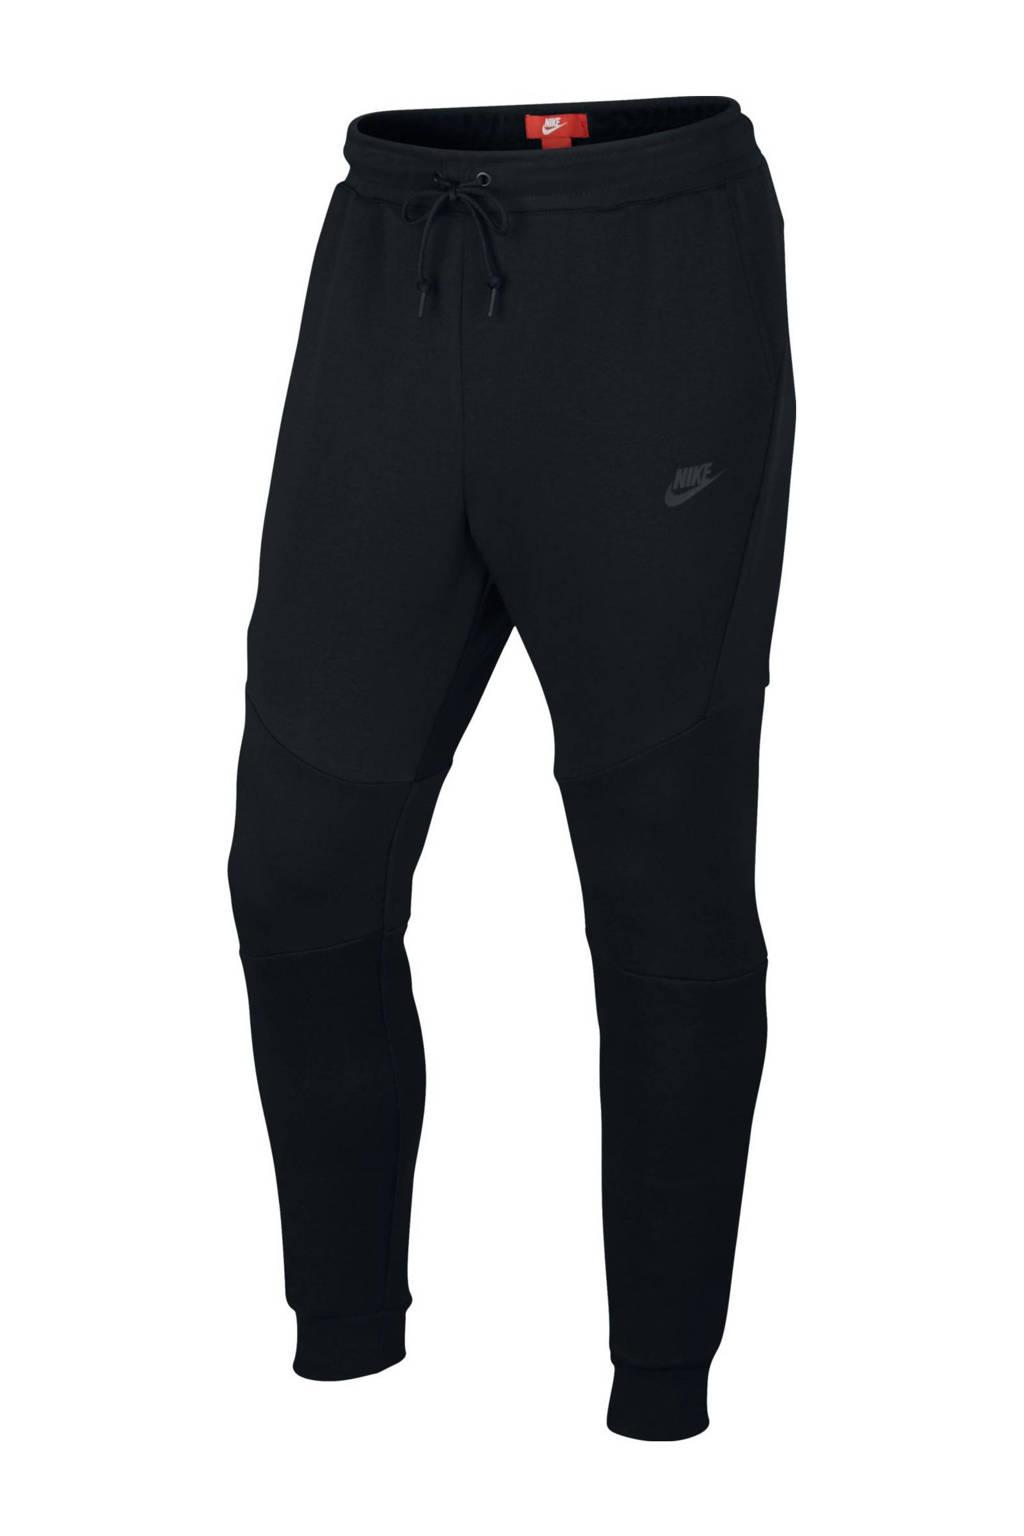 official photos 9e431 0661a Nike Tech Fleece joggingbroek, Zwart